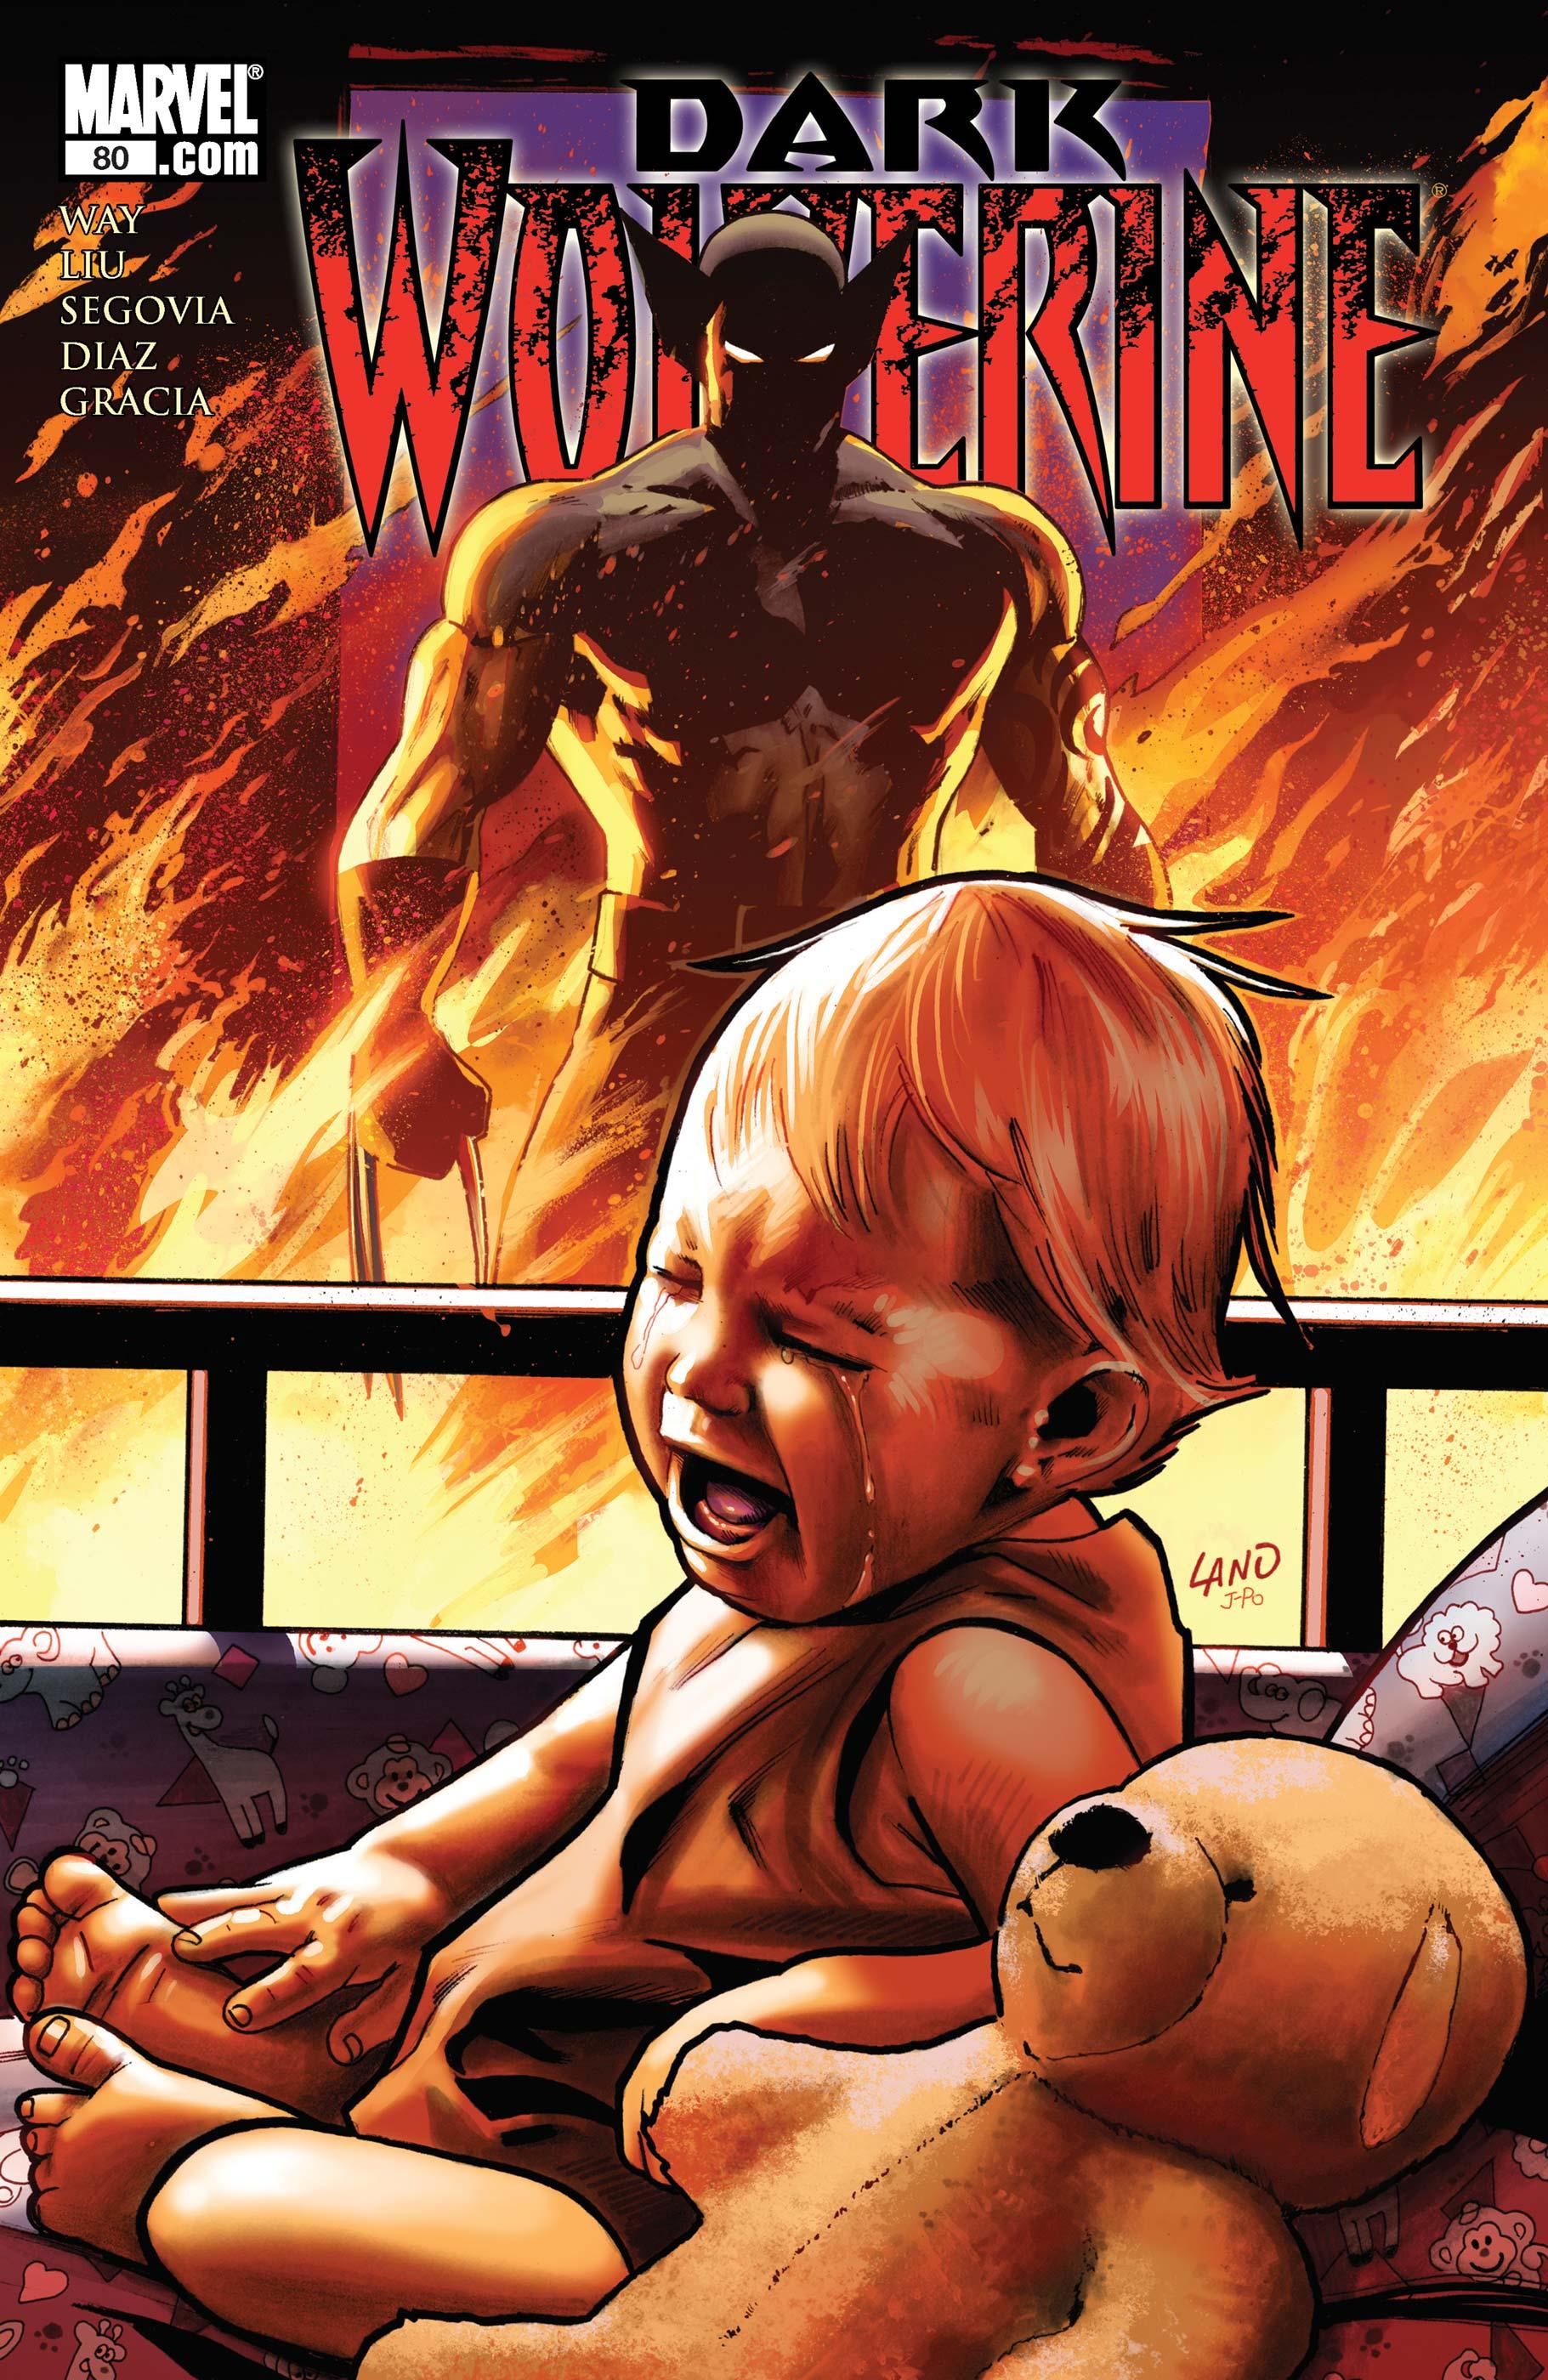 Dark Wolverine (2009) #80